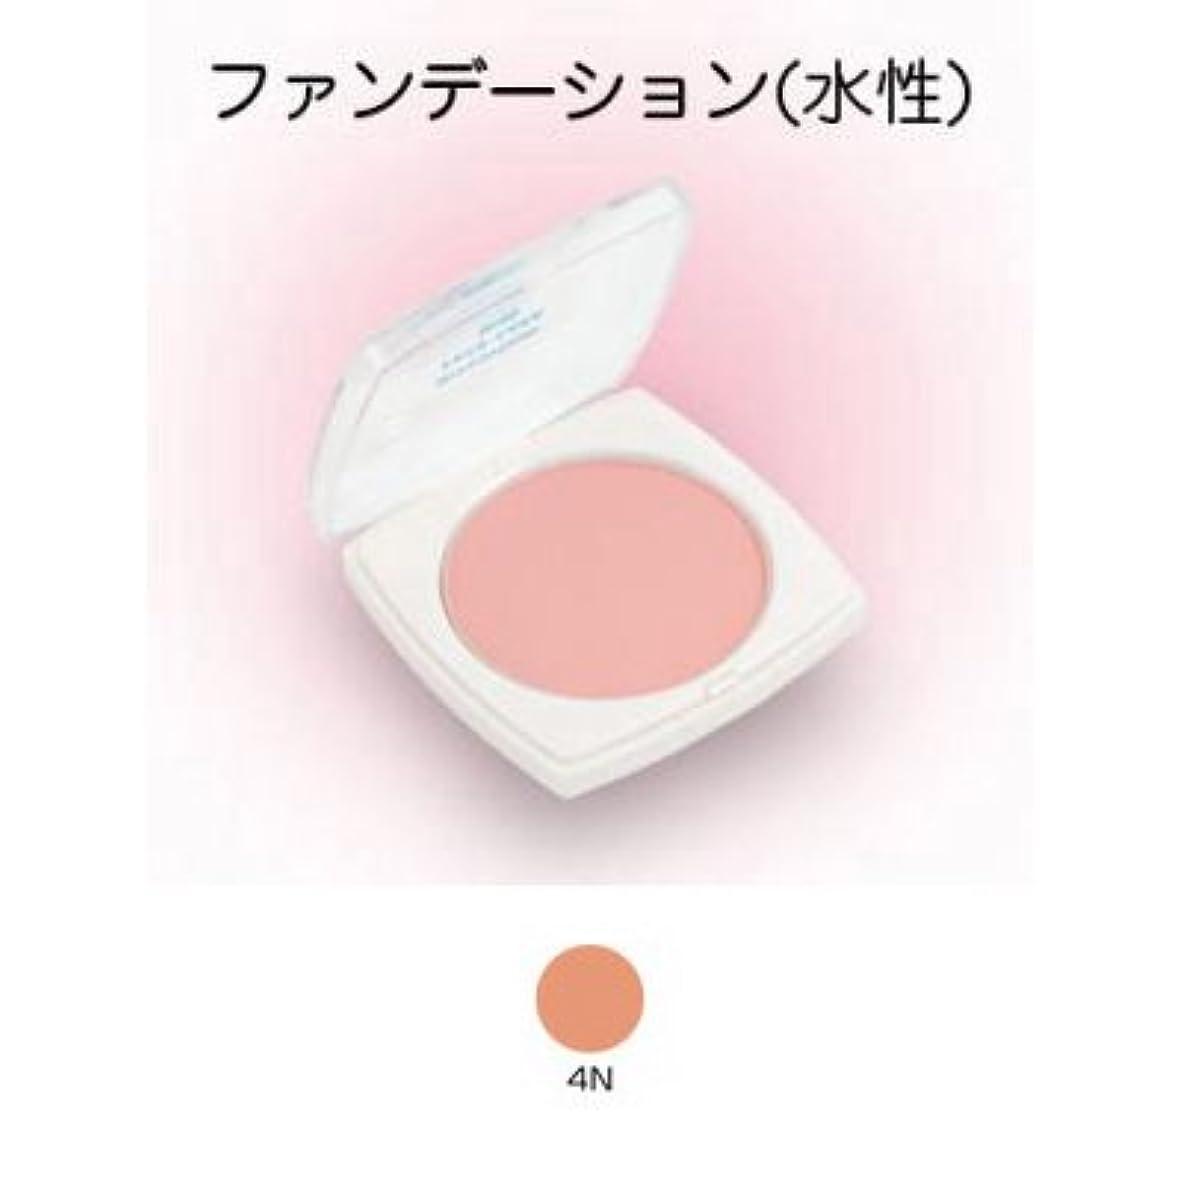 平行証明証明フェースケーキ ミニ 17g 4N 【三善】